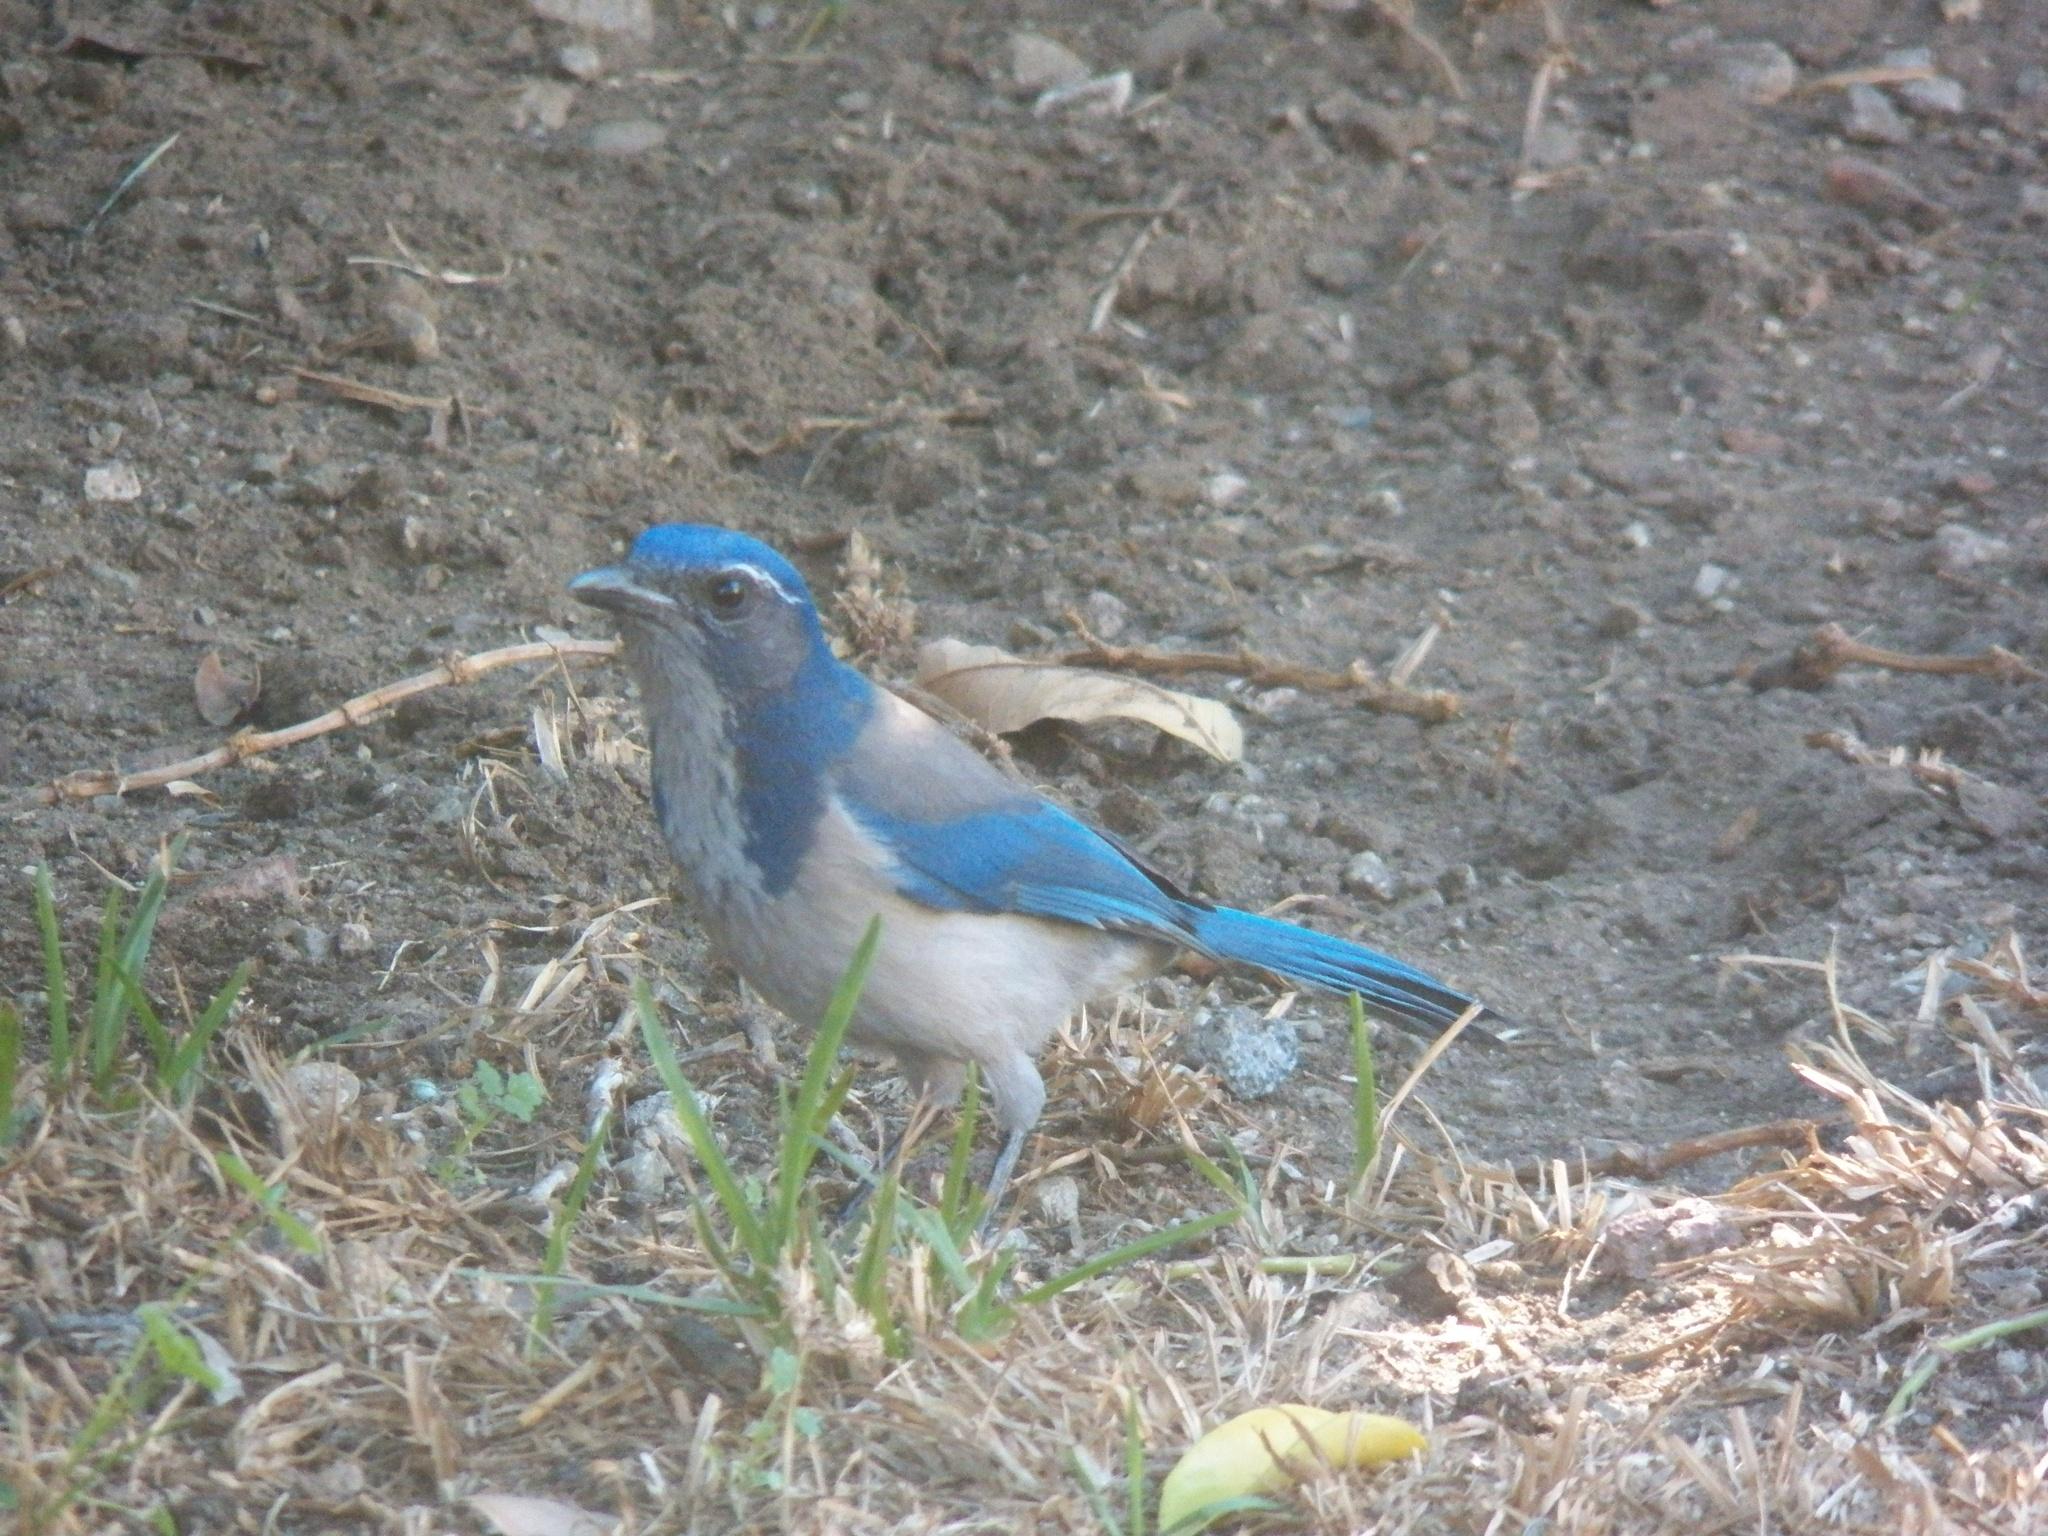 Backyard Blue Jay by Tracie